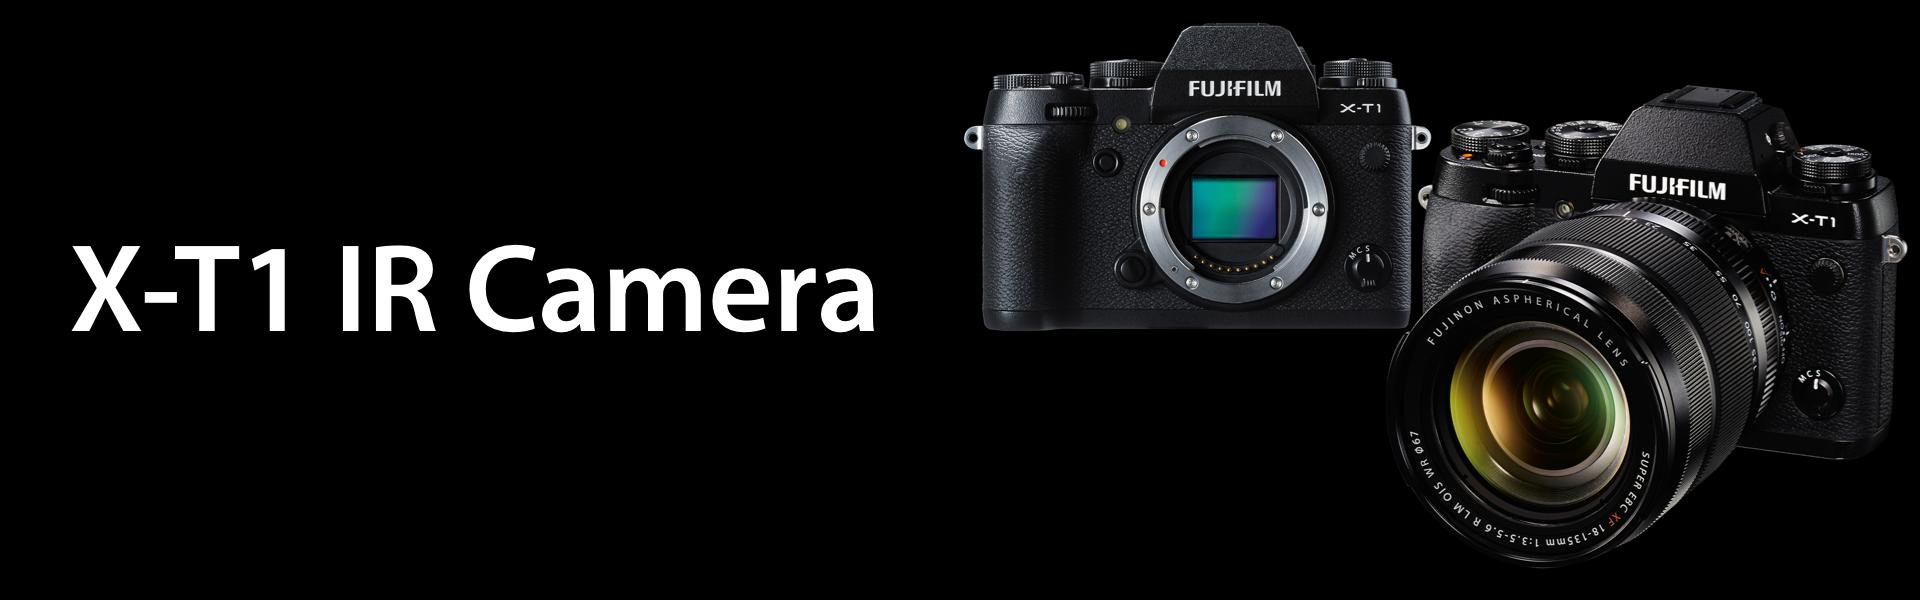 X-T1 IR Camera